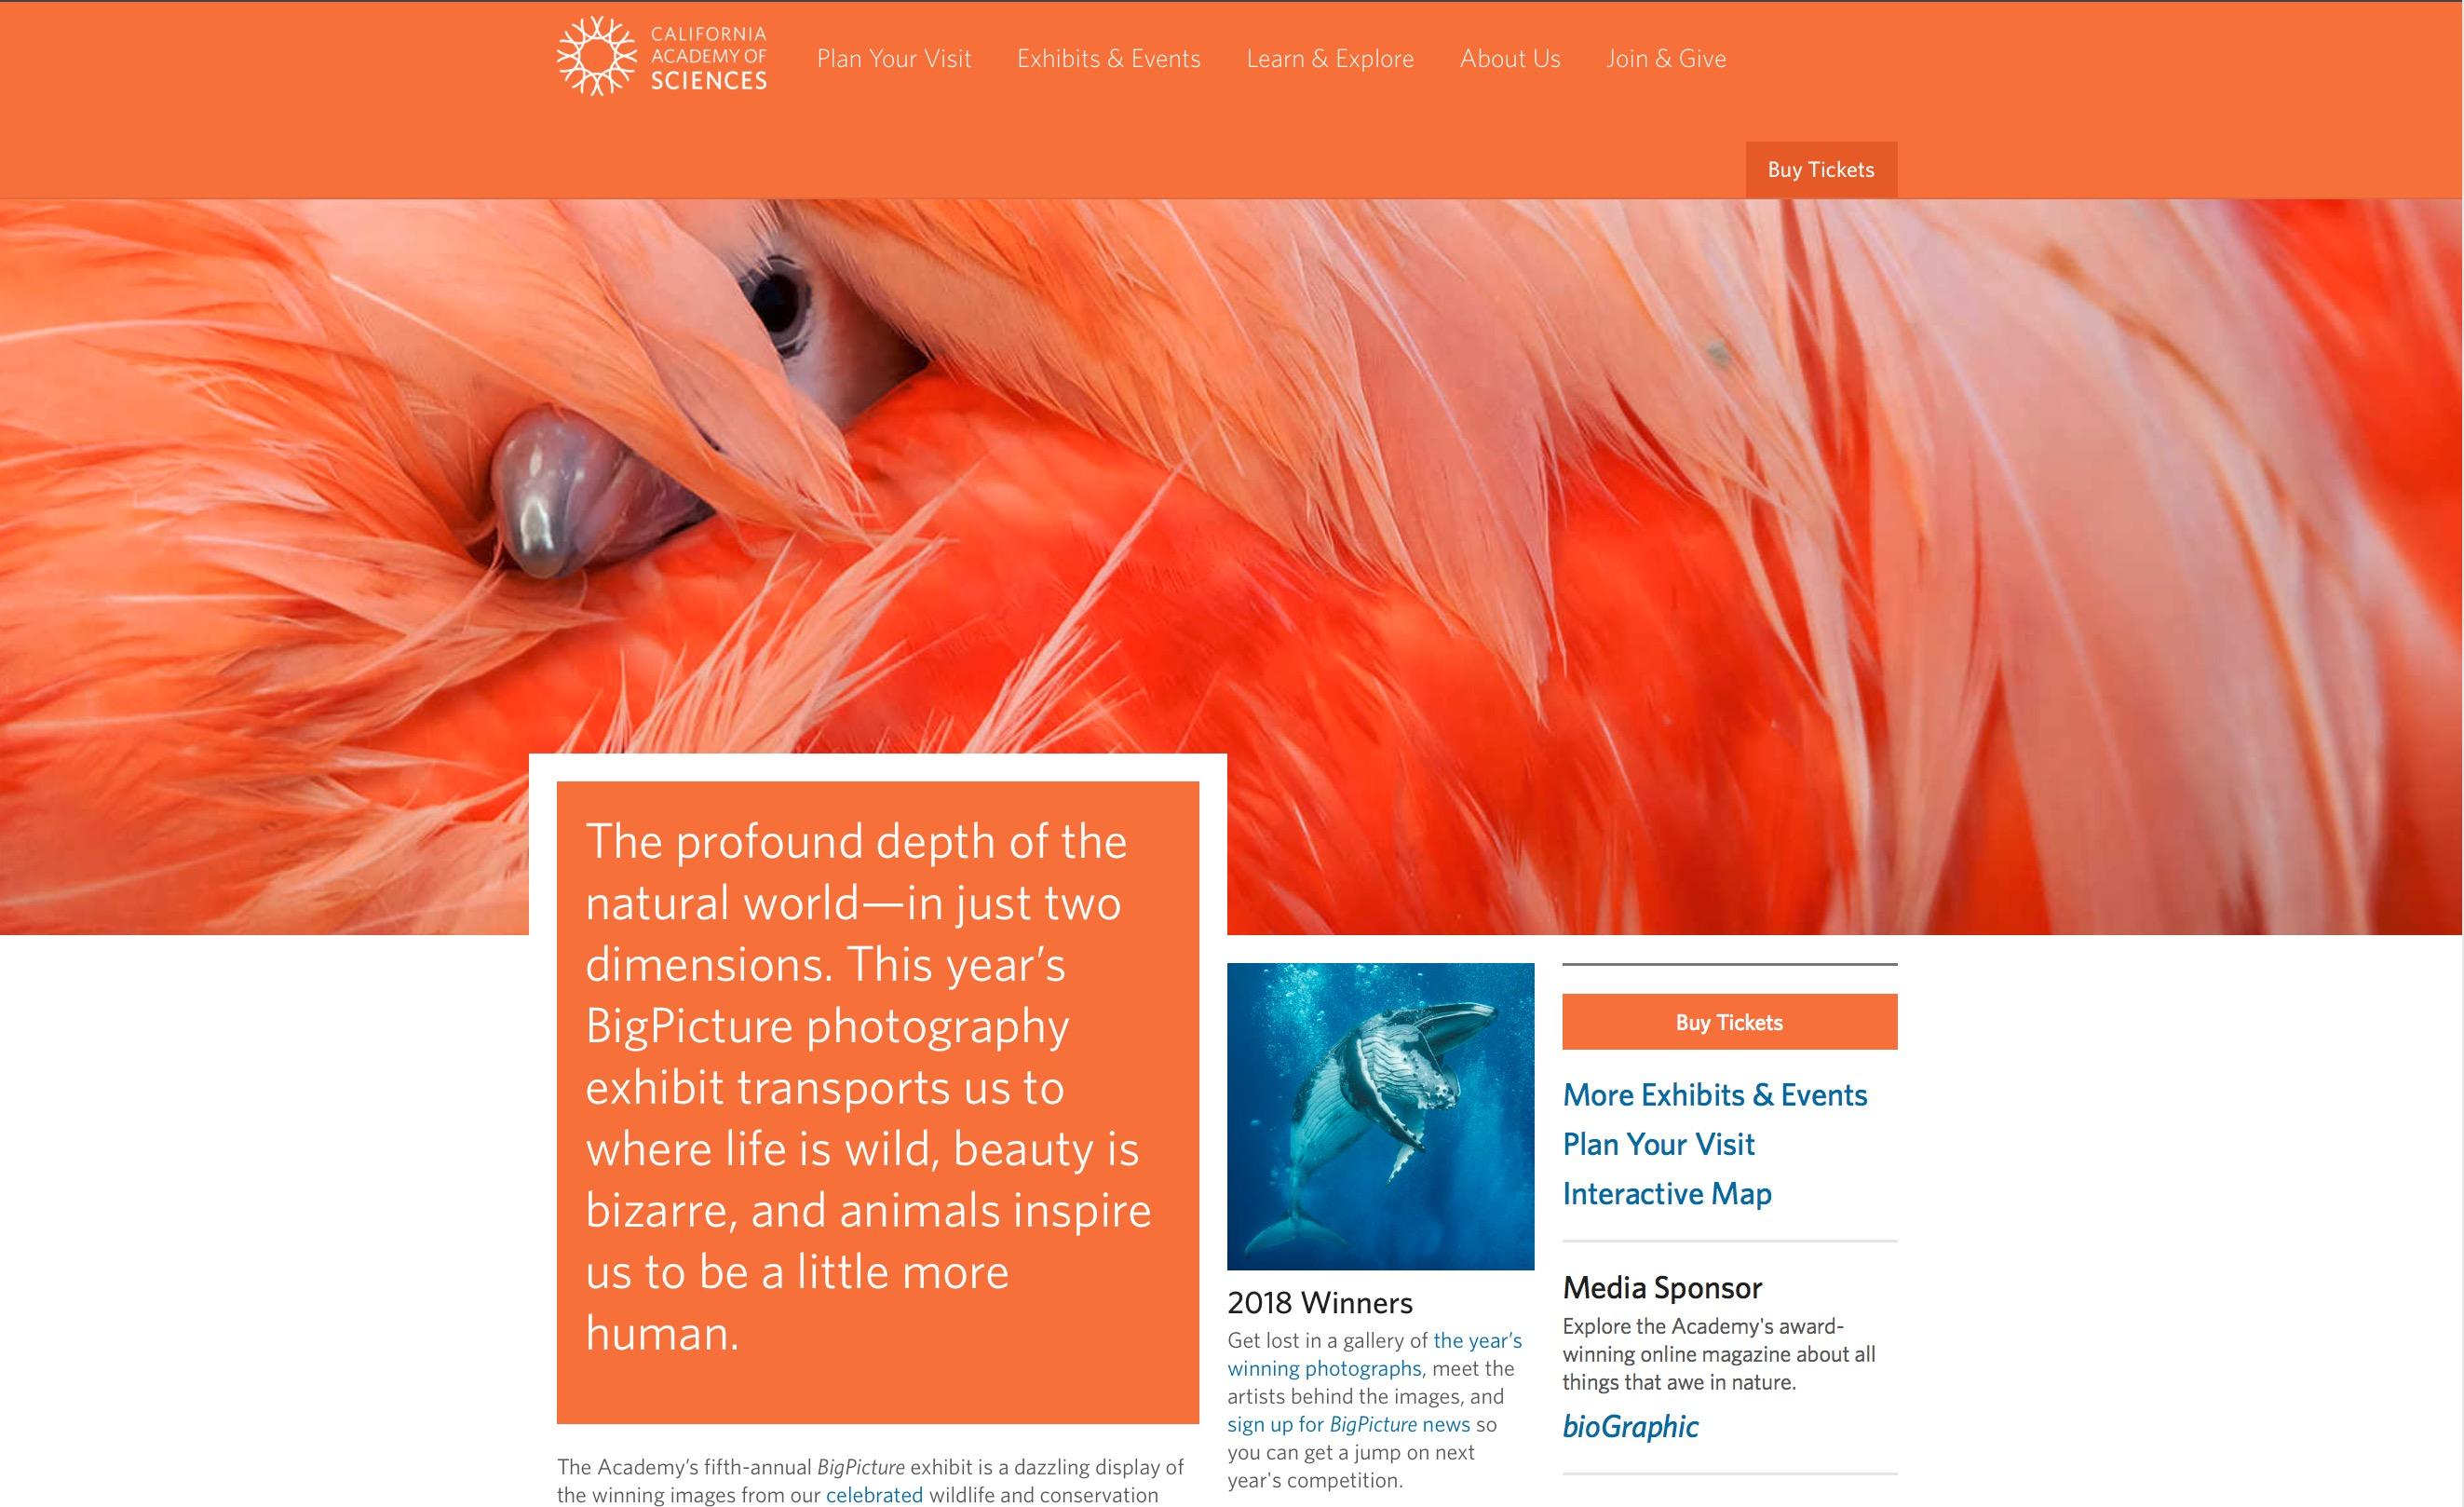 CAS website